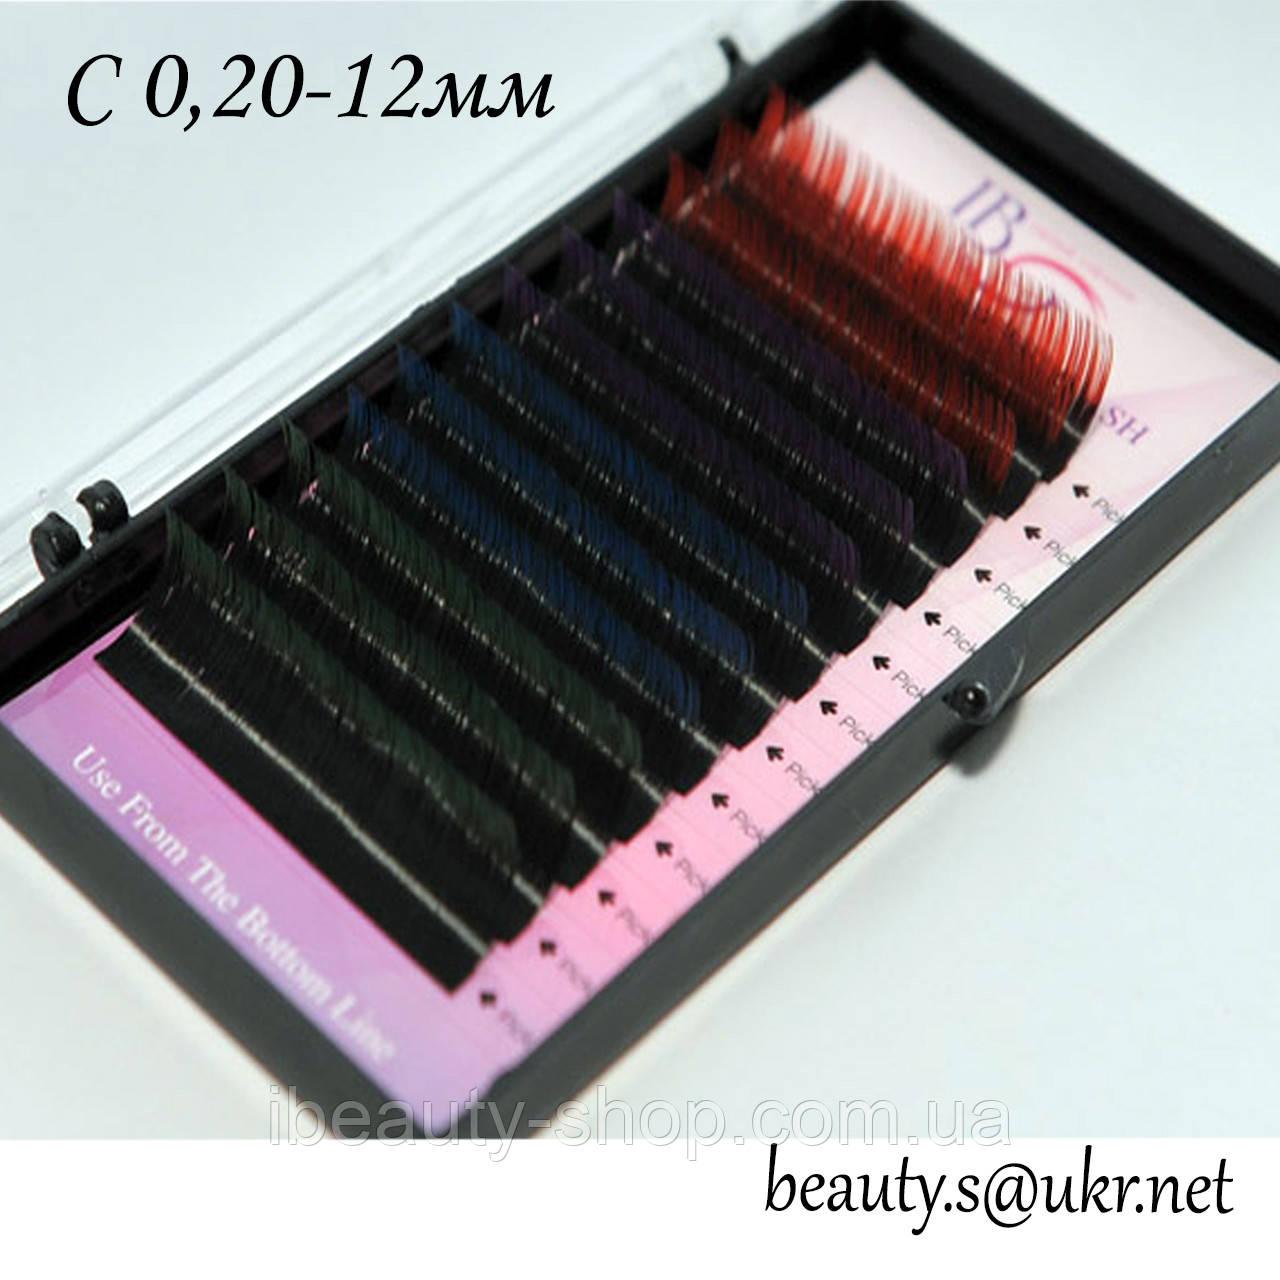 Ресницы I-Beauty, С 0,20-12мм,цветные концы,4 цвета